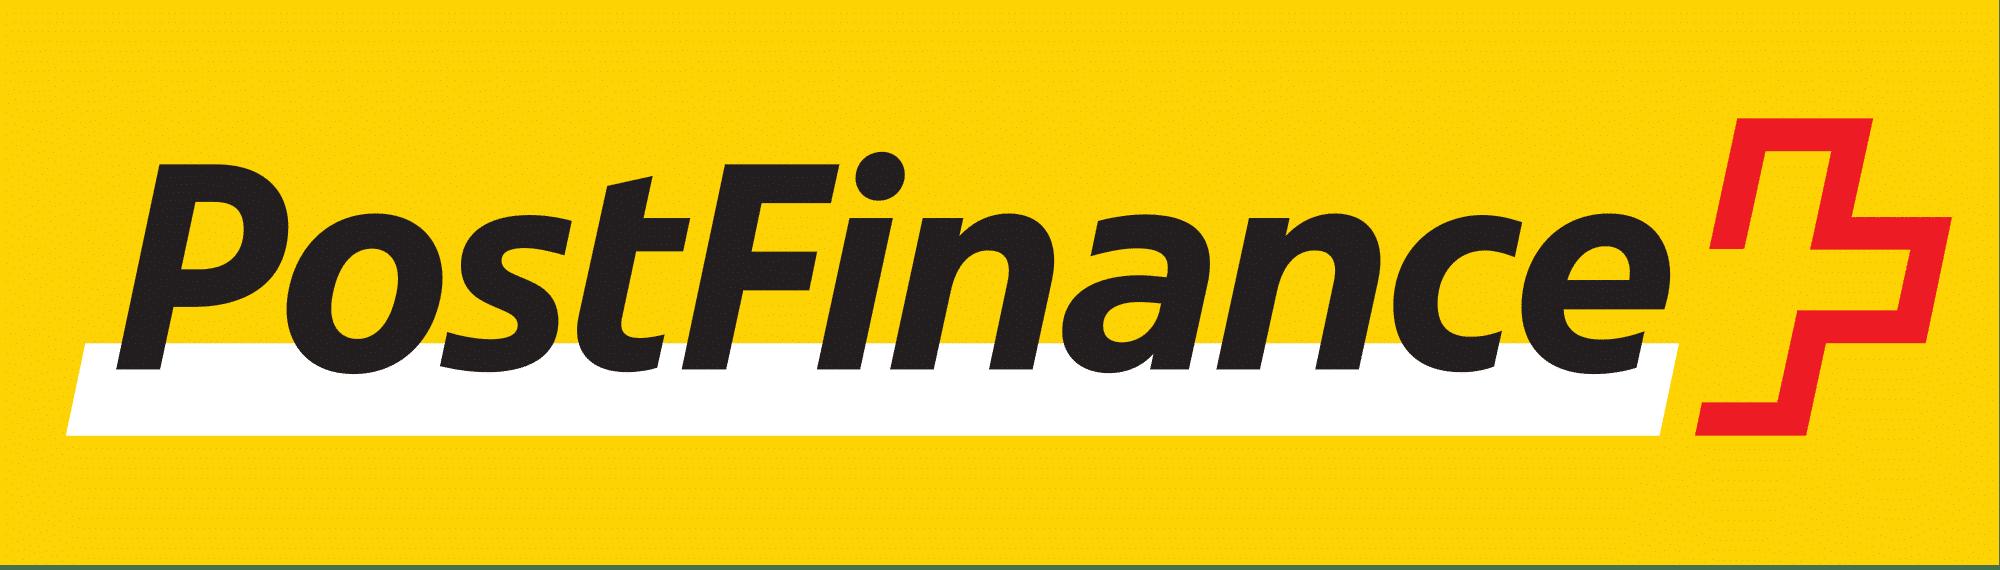 PostFinance_Logo